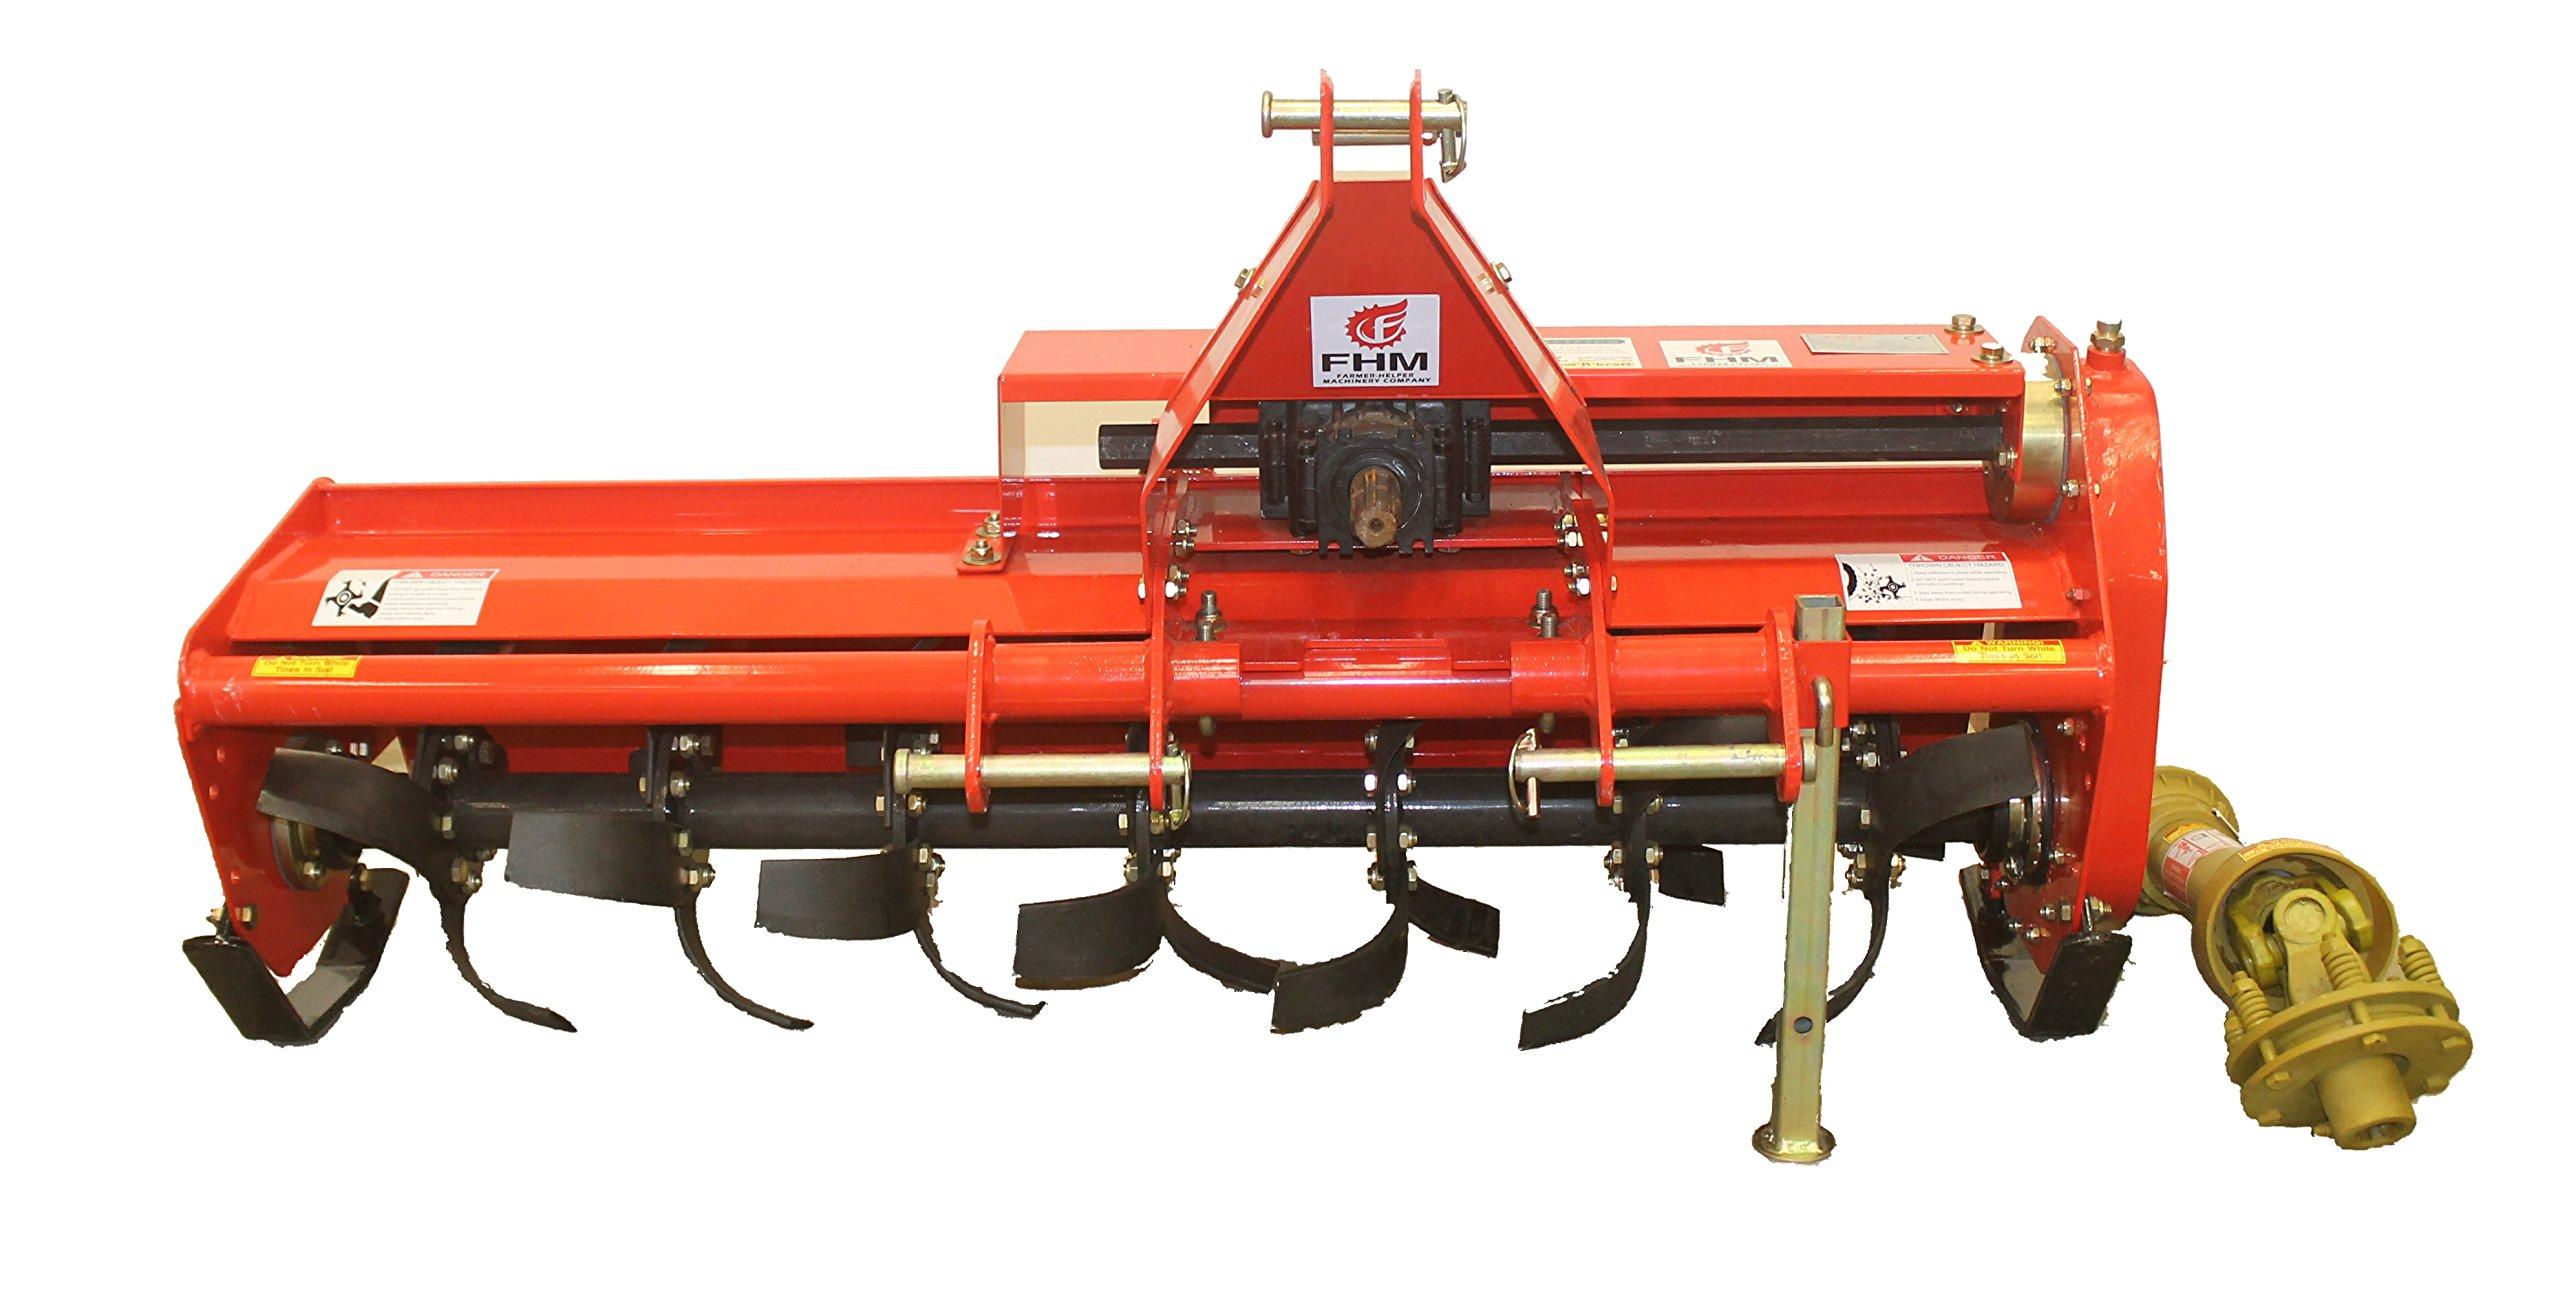 Farmer Helper 53''Adjustable Offset 3 pt Rotart Tiller FH-TL135 Cat.I 3pt 20+hp~Slip Clutch Driveline